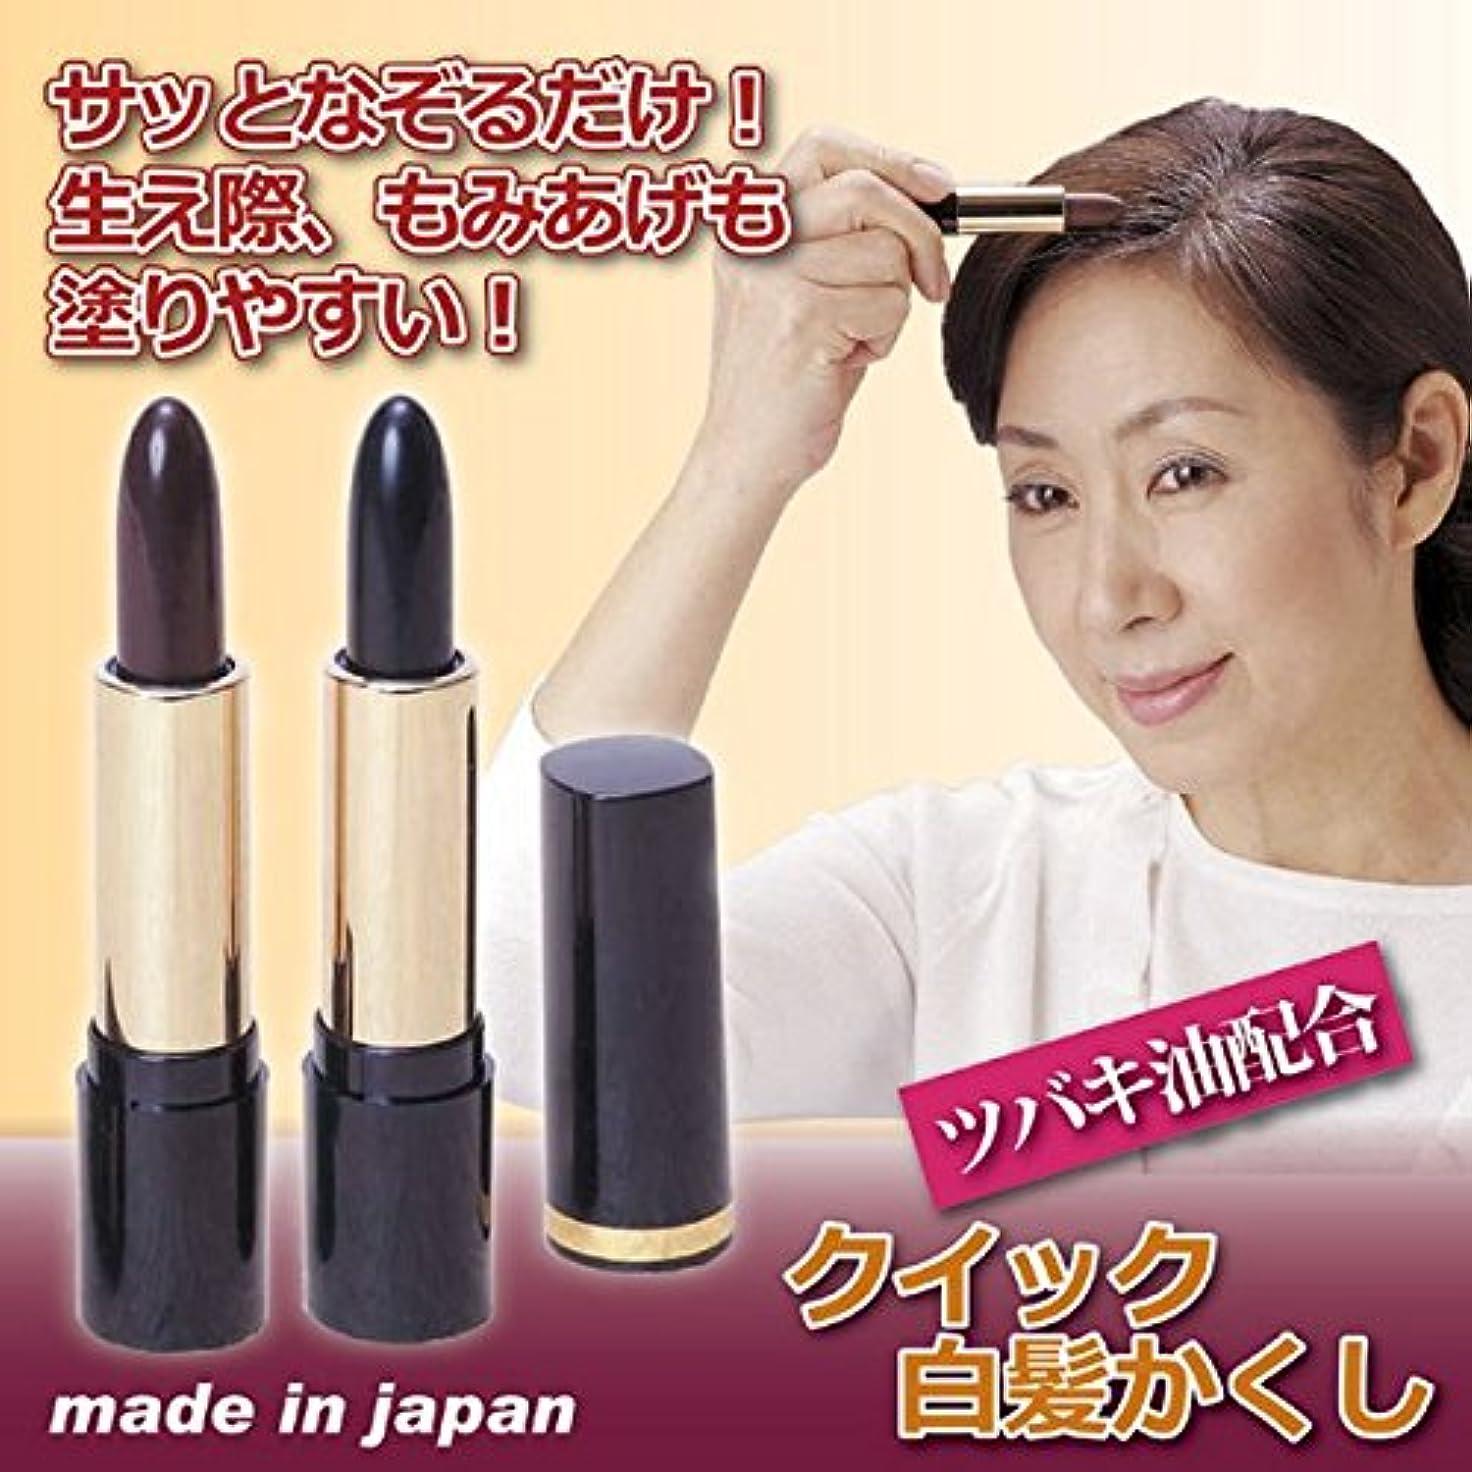 有効化ガウン振幅クイック白髪かくし (男女兼用/ブラック(黒)) 無香料 日本製